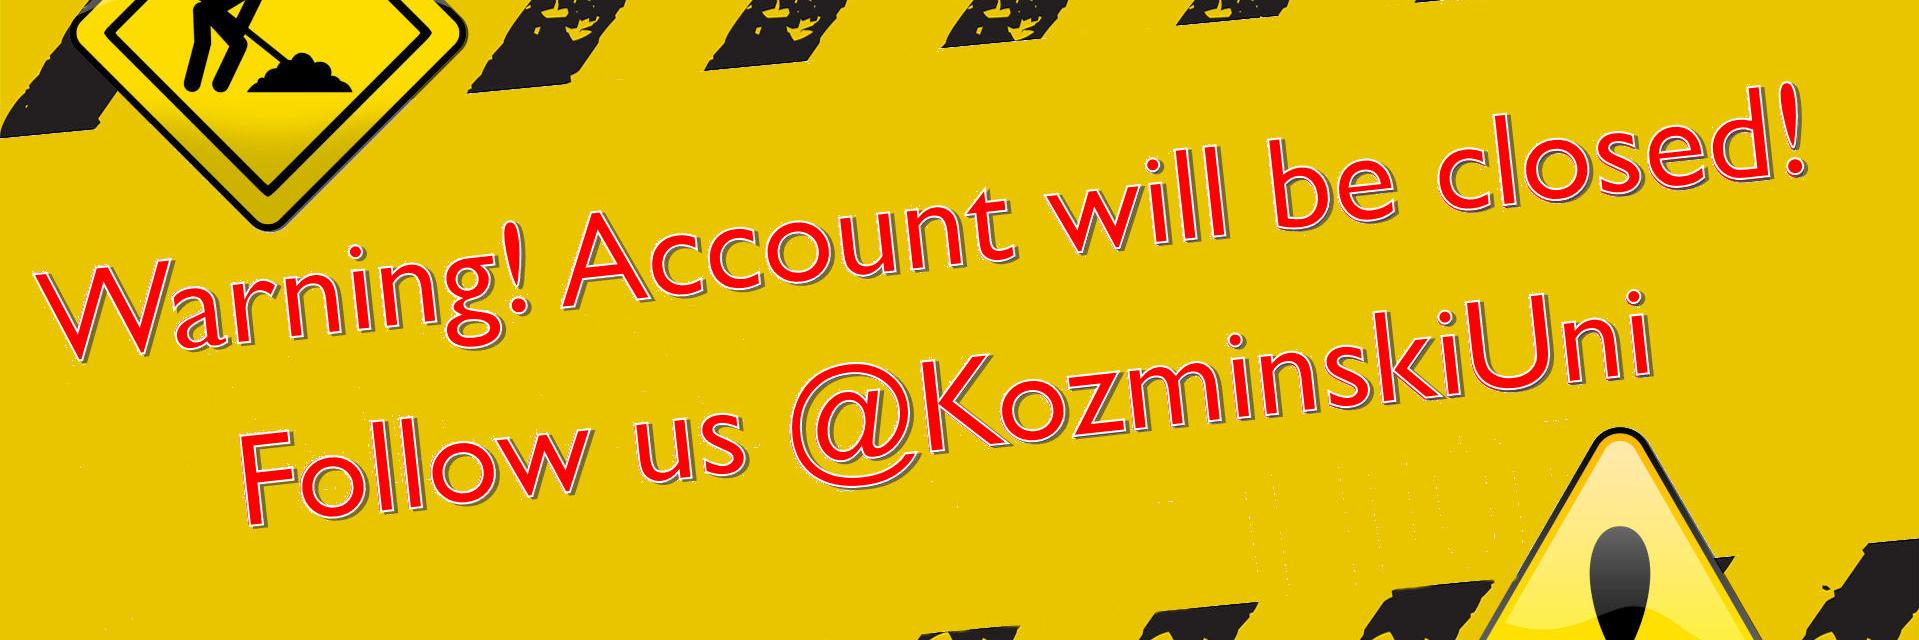 Akademia Leona Kozminskiego's official Twitter account